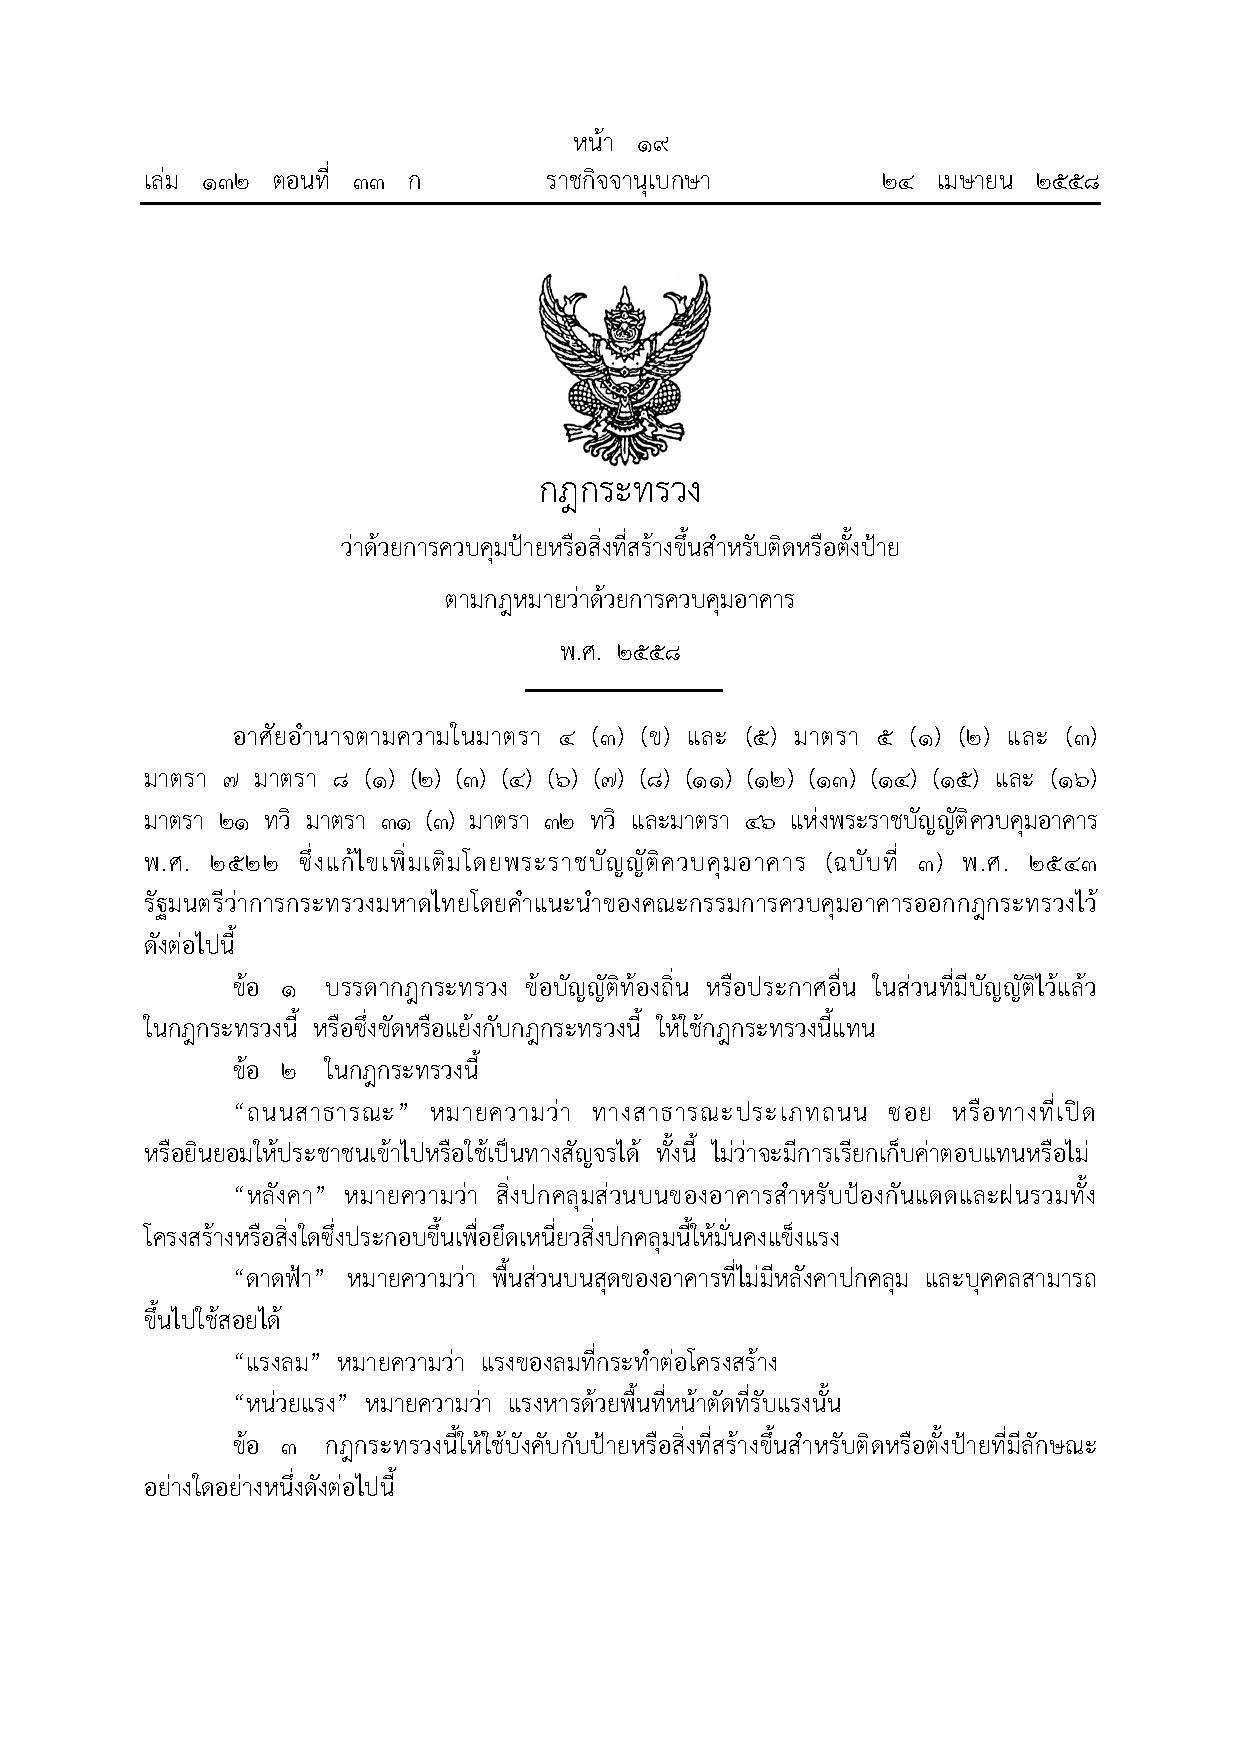 กฎกระทรวง 2558_Page_01